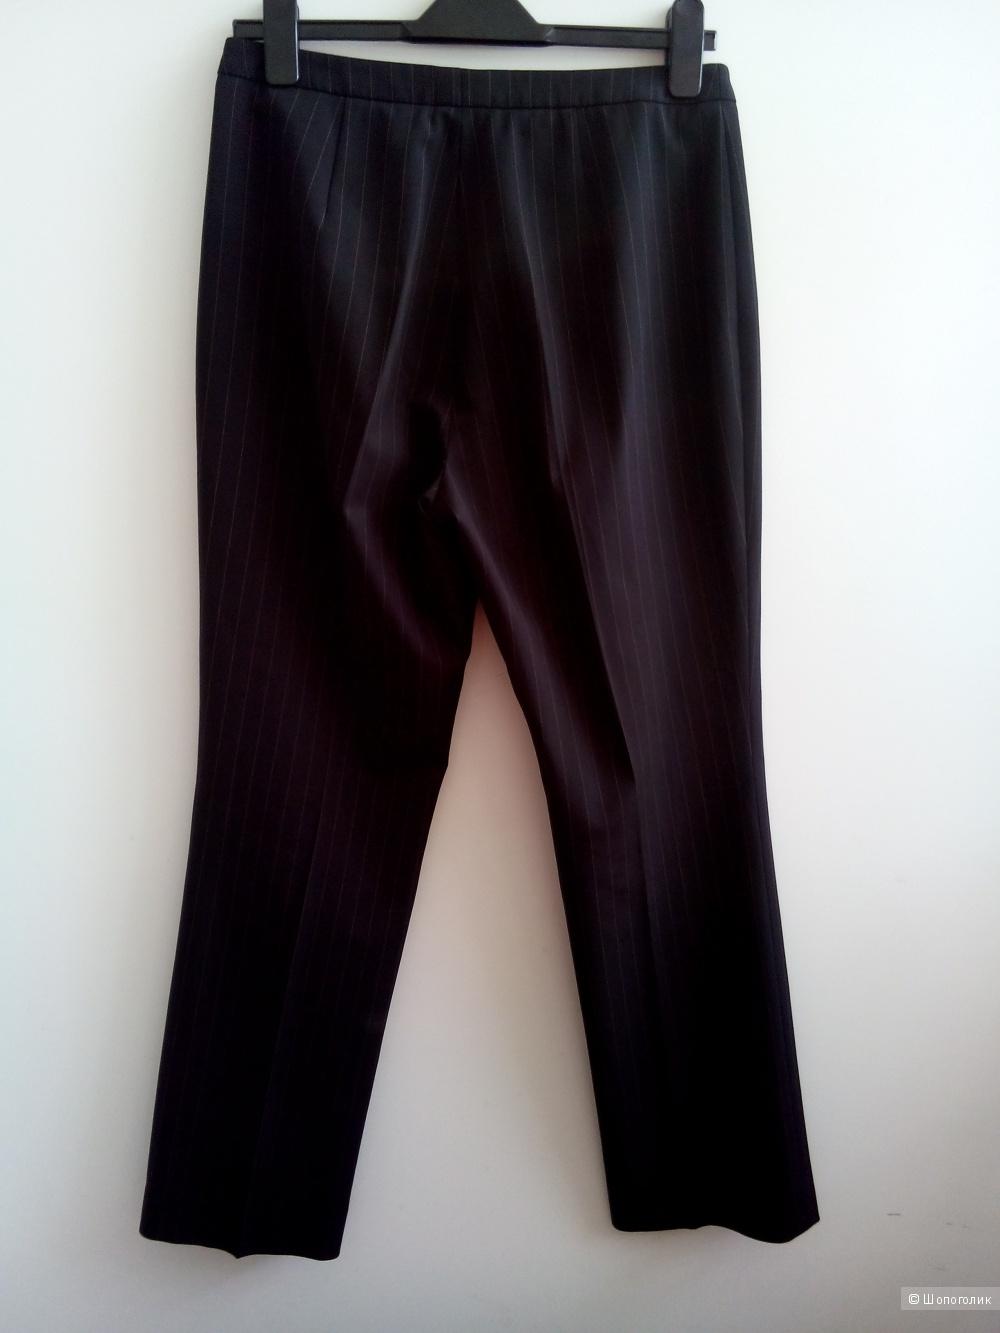 Брюки BETTY BARKLY  Германия классика  черные в тонкую полоску коричневую в размере 40 евро(14 GB)46-48 росс